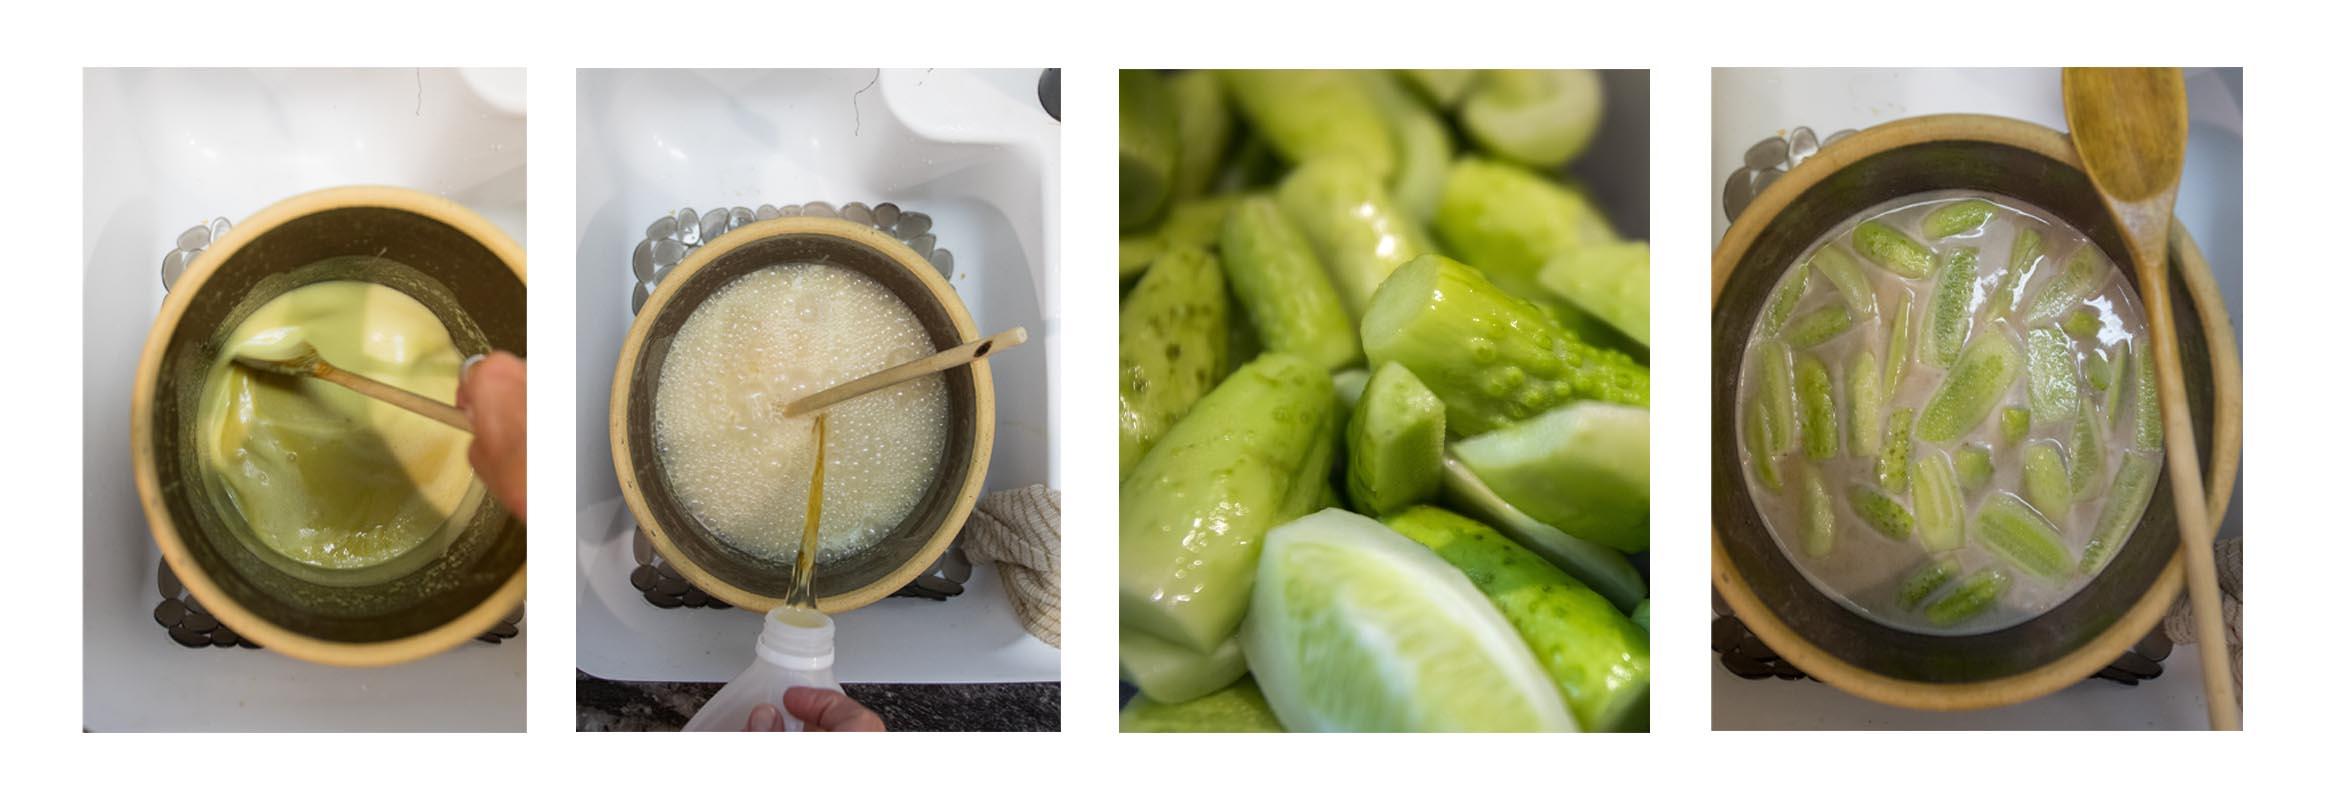 mustard-pickles-brine.original.jpg